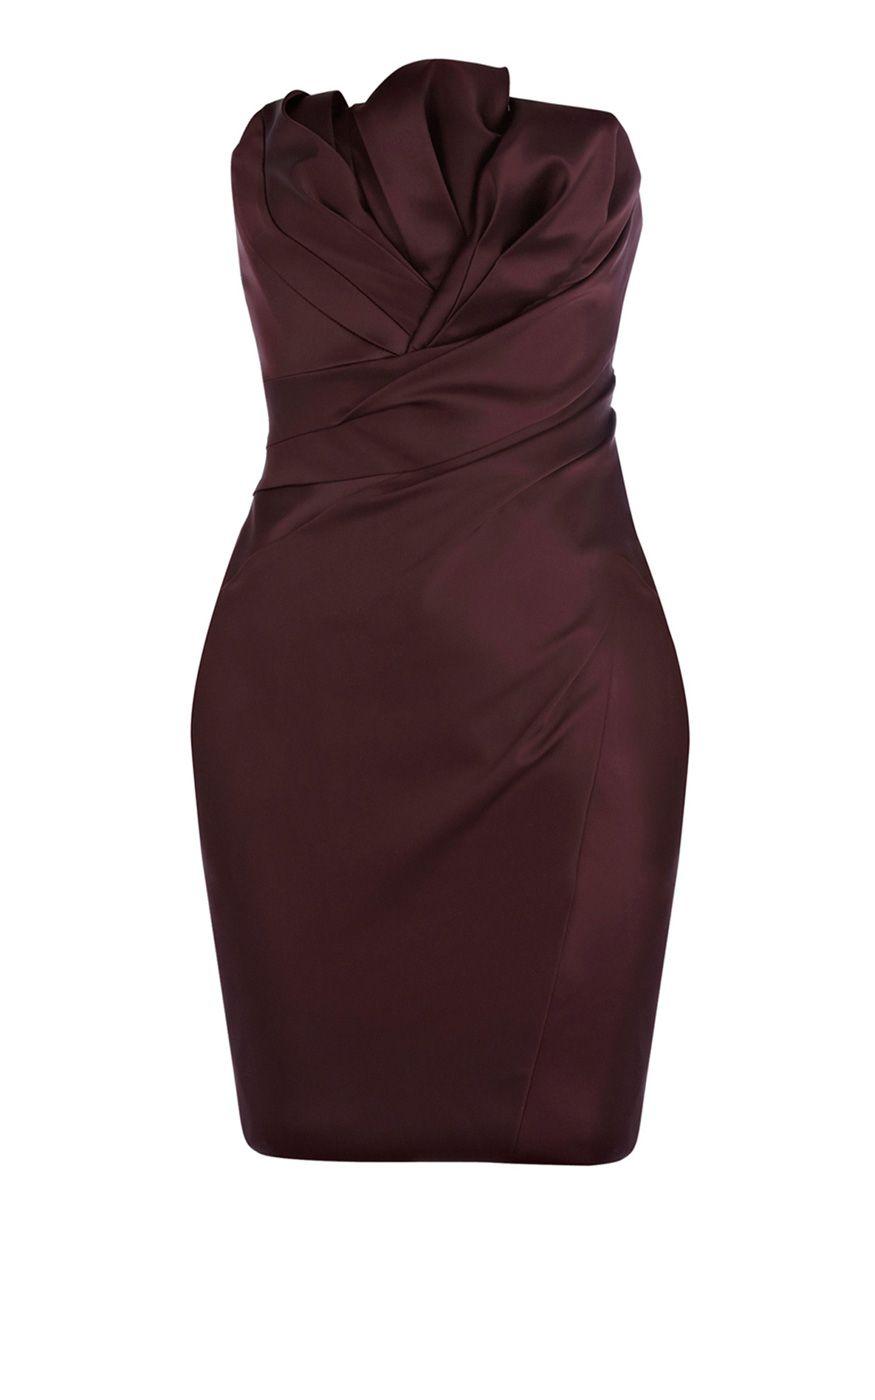 Karen Millen Folded Stretch strapless Dress aubergine ,fashion  Karen Millen Solid Color Dresses outlet